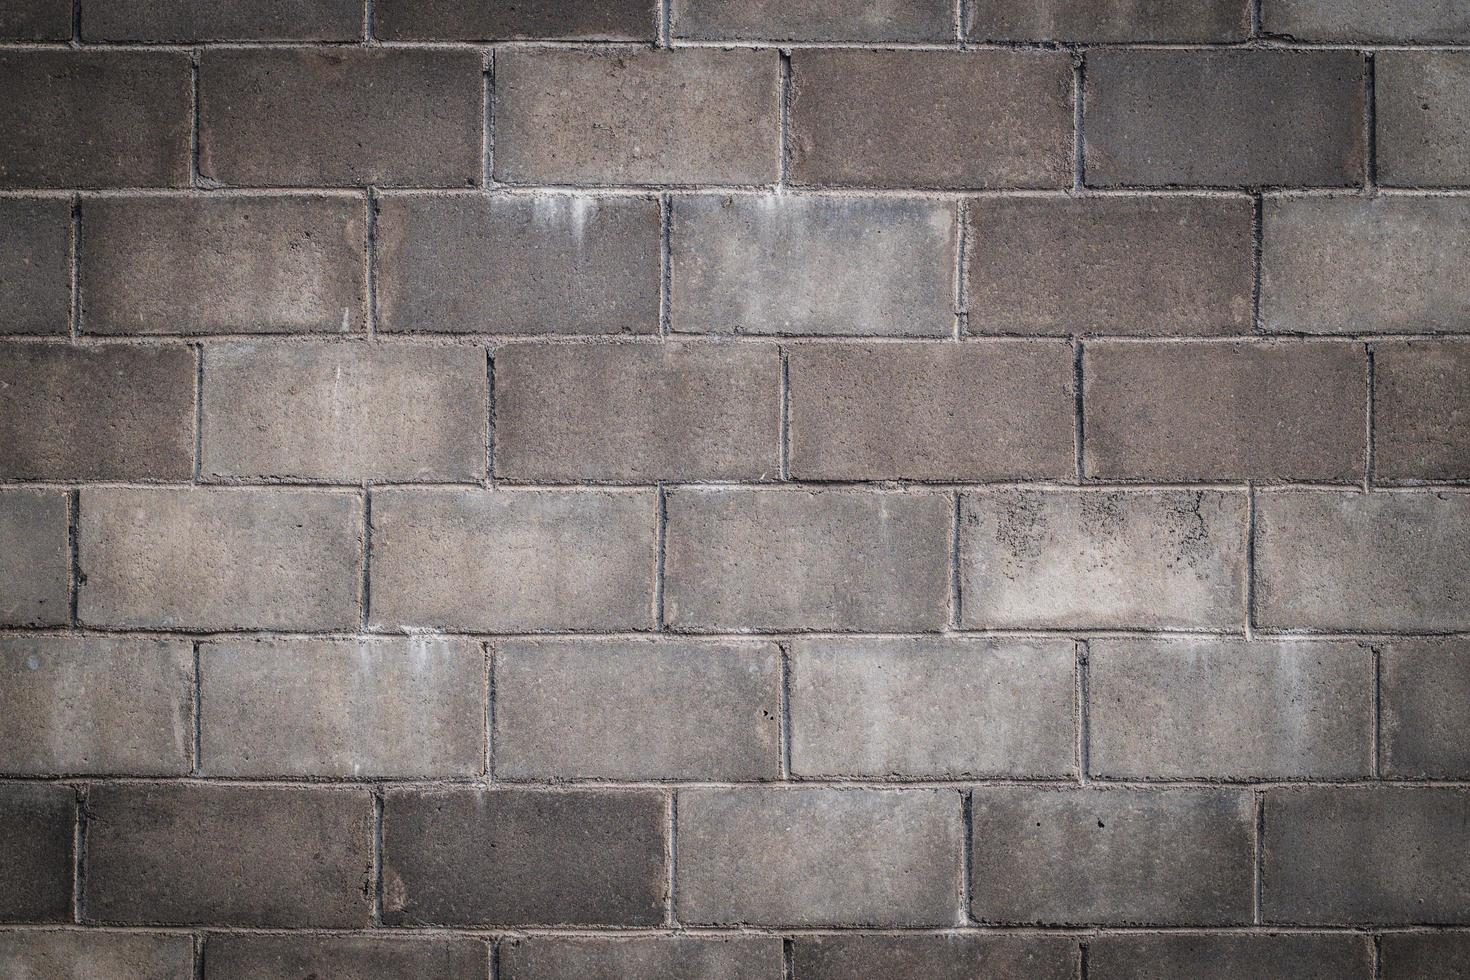 Textur der alten schmutzigen Betonwand foto